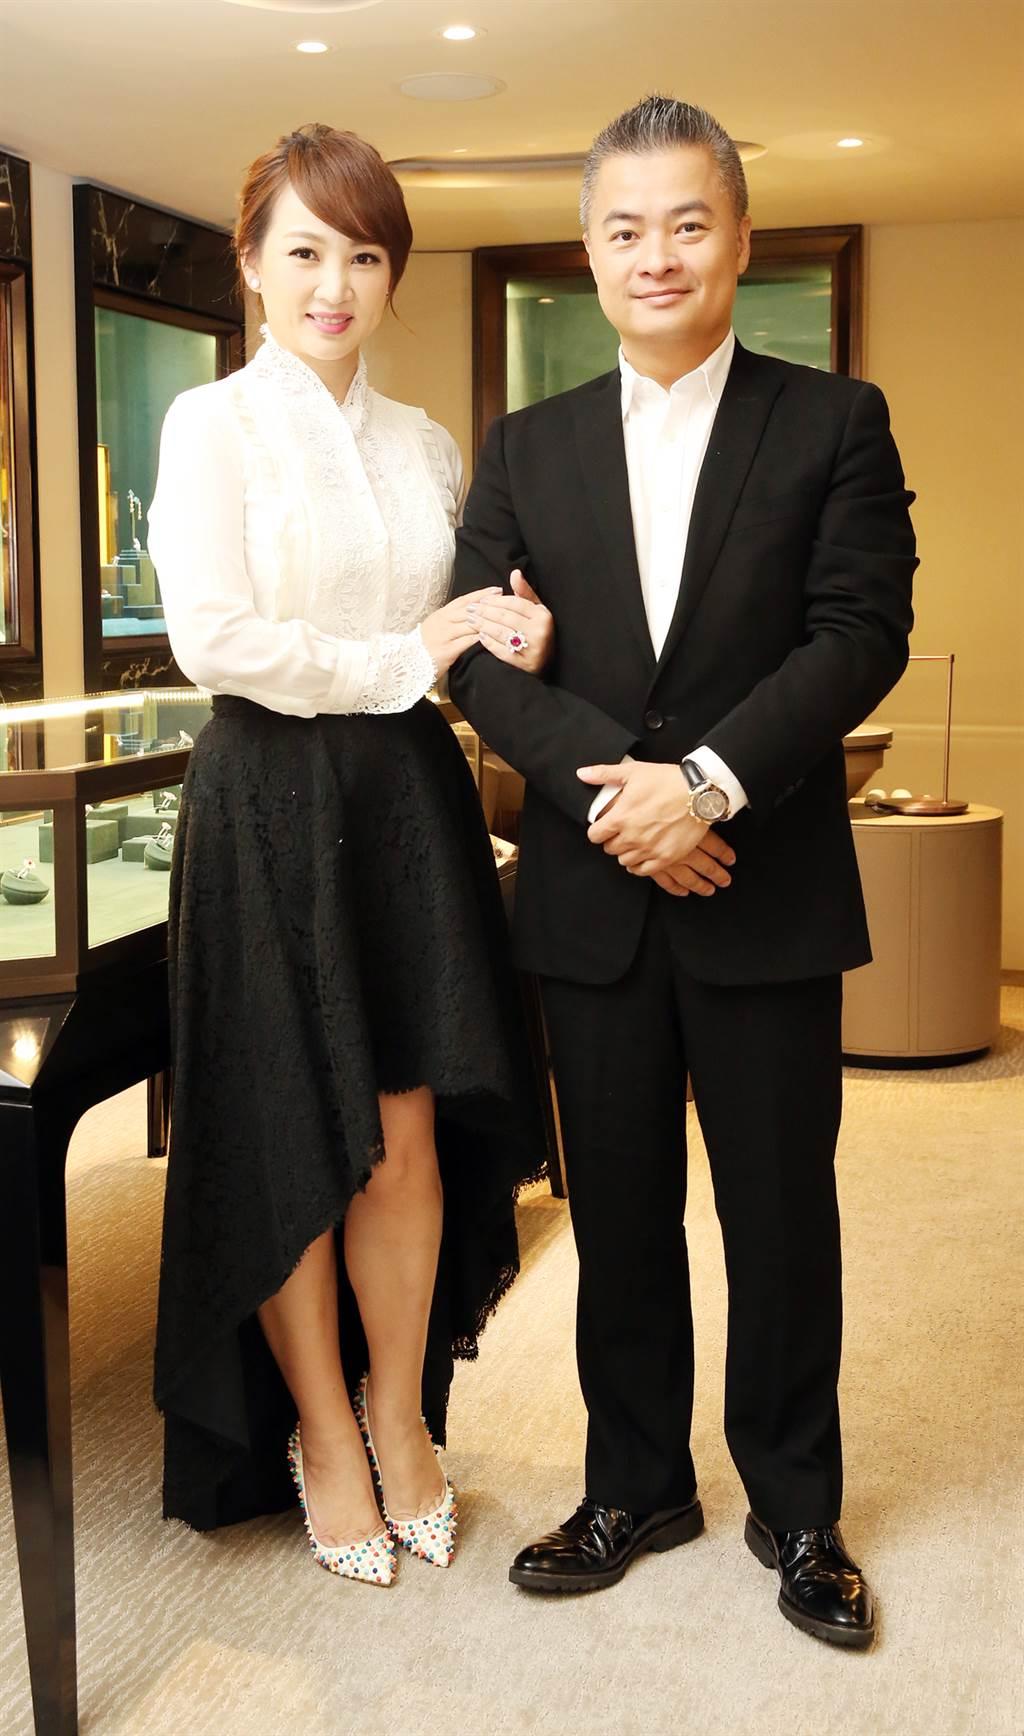 郁方與「斐儷珠寶」總經理陳昱羲結婚14年,育有兩子一女。(圖/本報系資料照片)